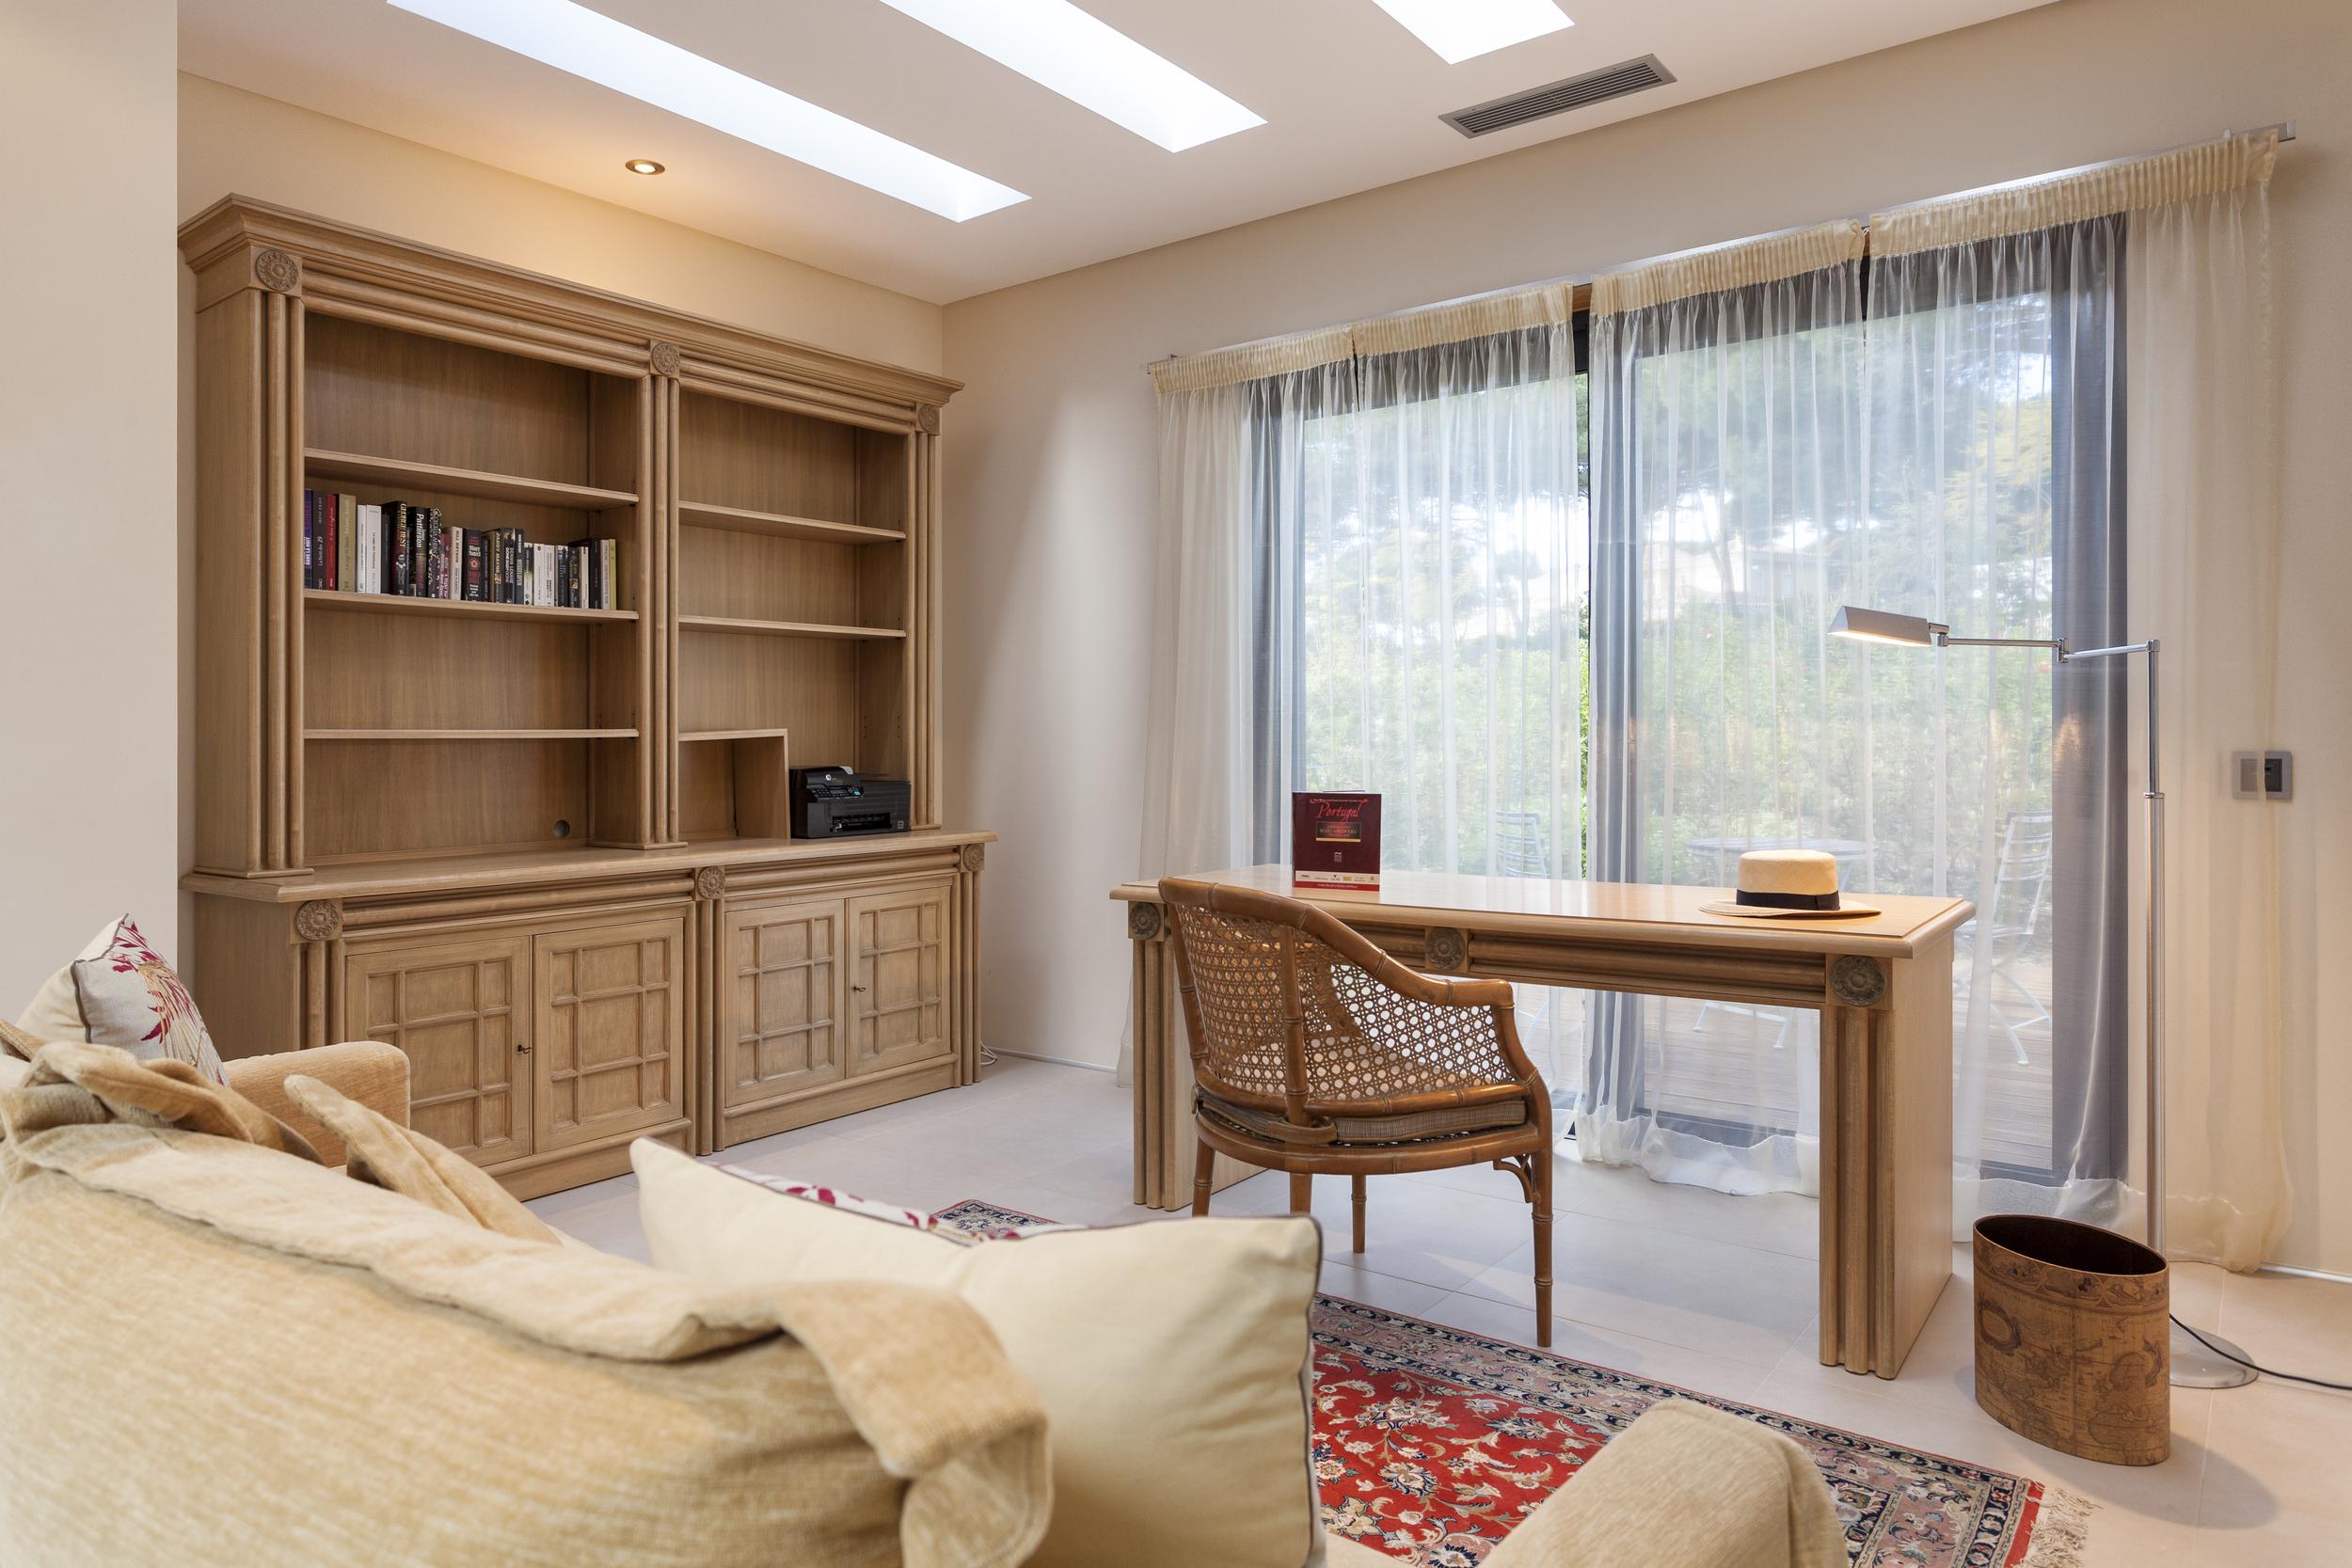 4 bedroom villa to rent in Quinta do Lago, RLV, Villa Serpentine,11.jpg